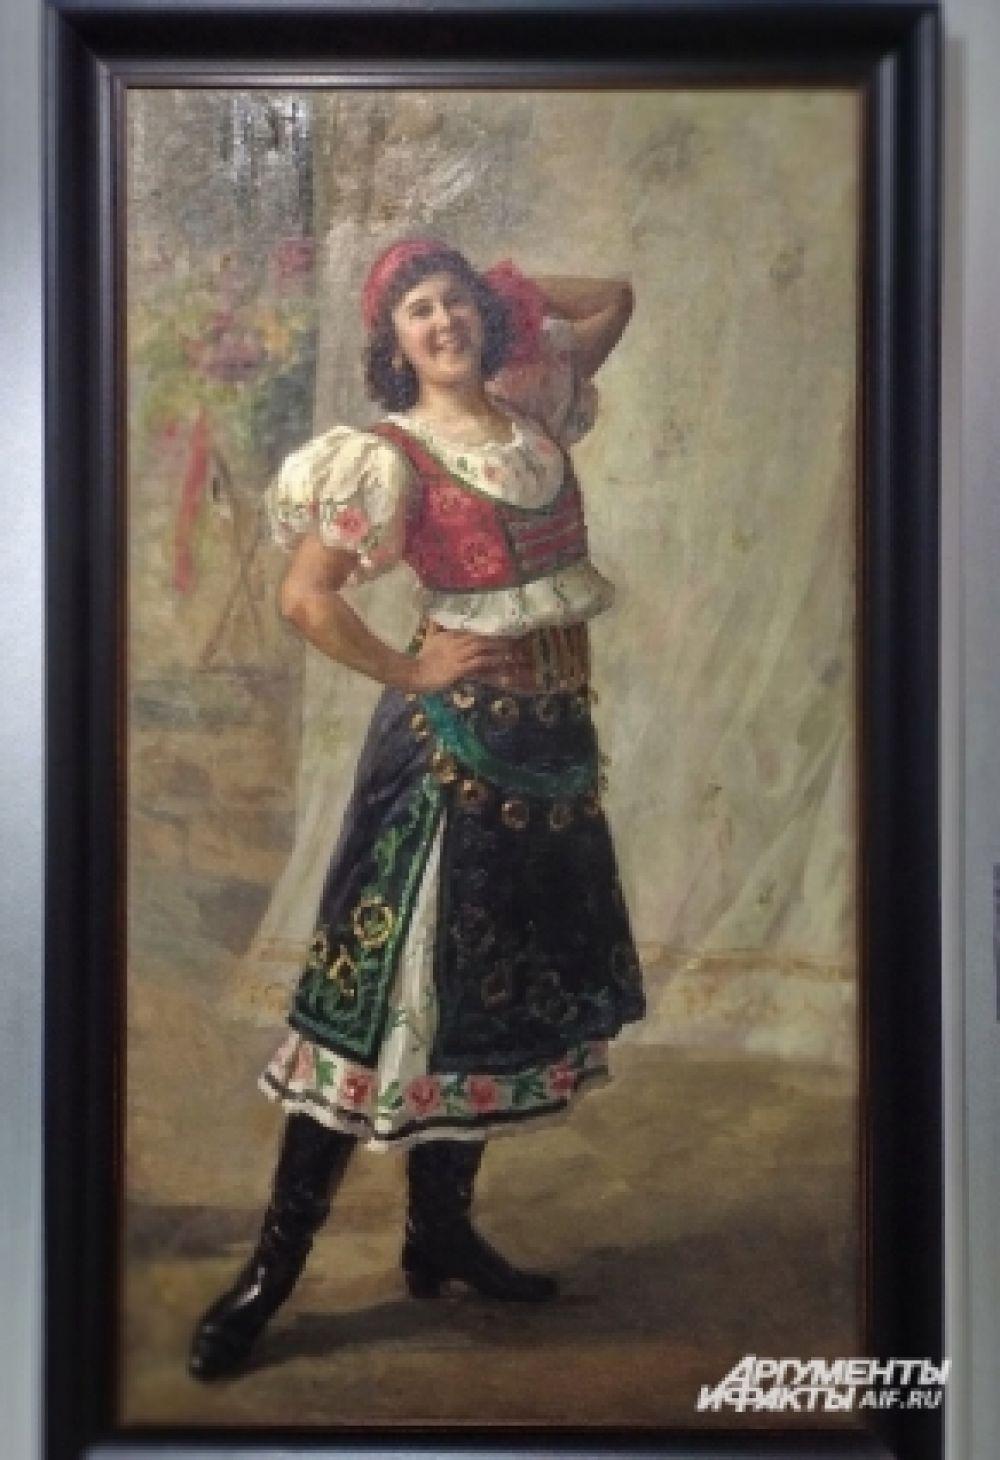 «Портрет балерины Лопуховой» Федота Сычкова. В 1910-е годы его работы имели успех не только на выставках в России, но и в парижском Салоне, где они охотно раскупались любителями живописи, проявлявшими интерес к жизни и искусству нашей страны.